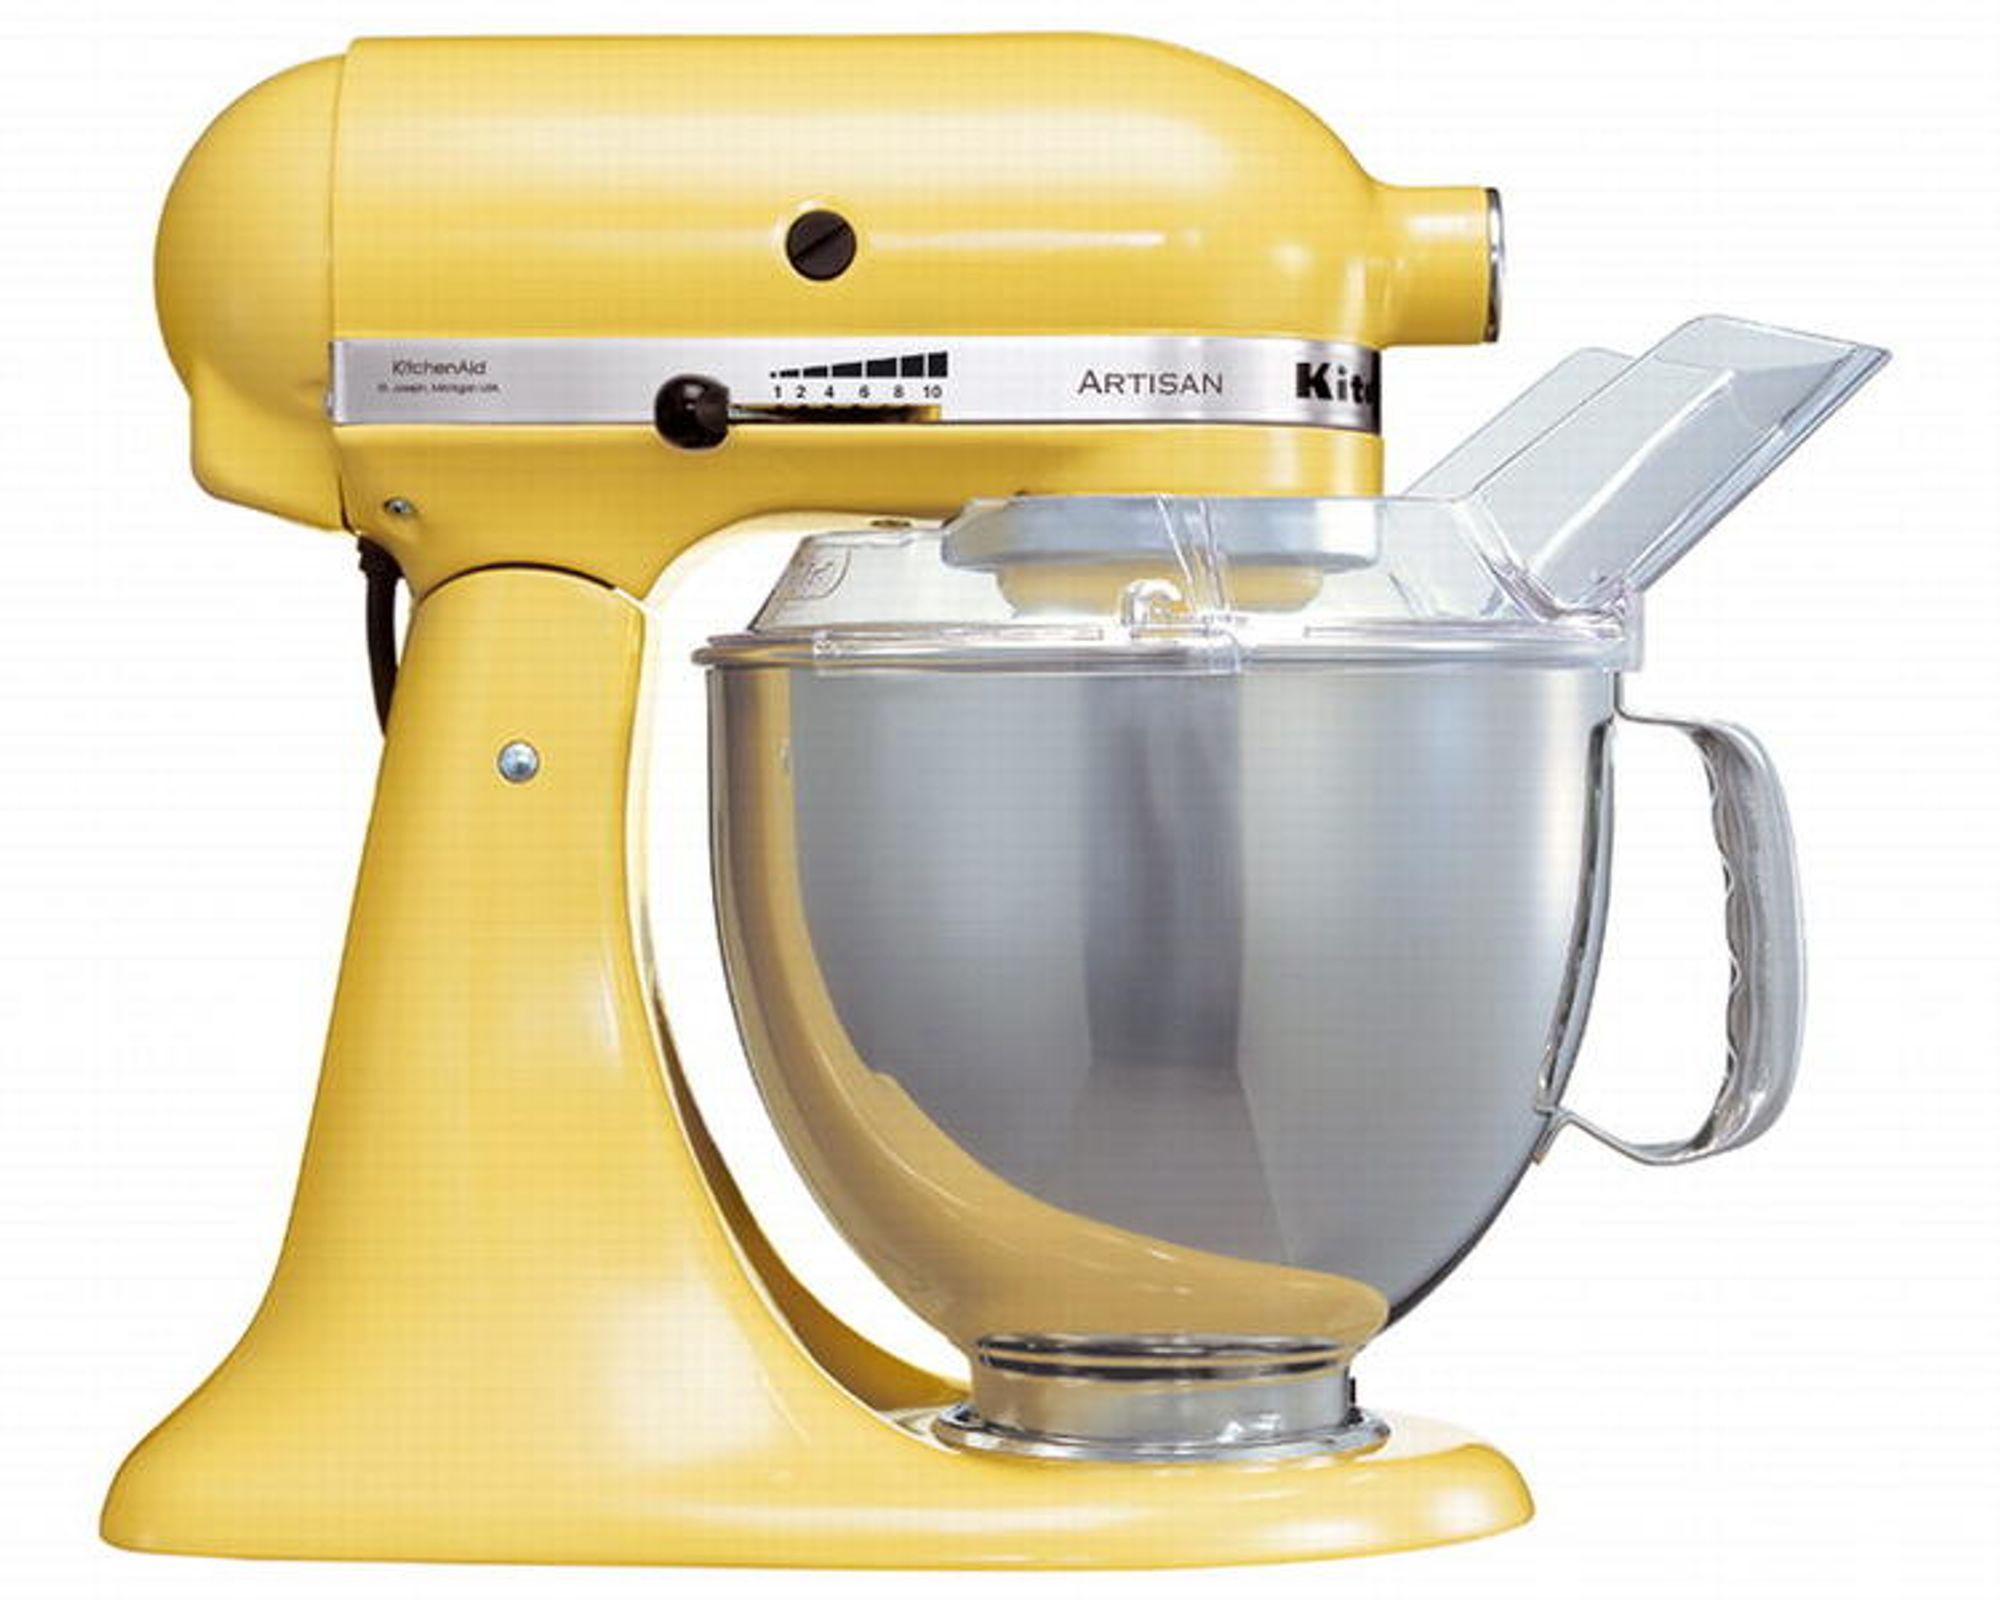 KitchenAid Artisan 5KSM150 - Priser, tester og tilbud - Kjøkkenmaskin - Prisguide.no